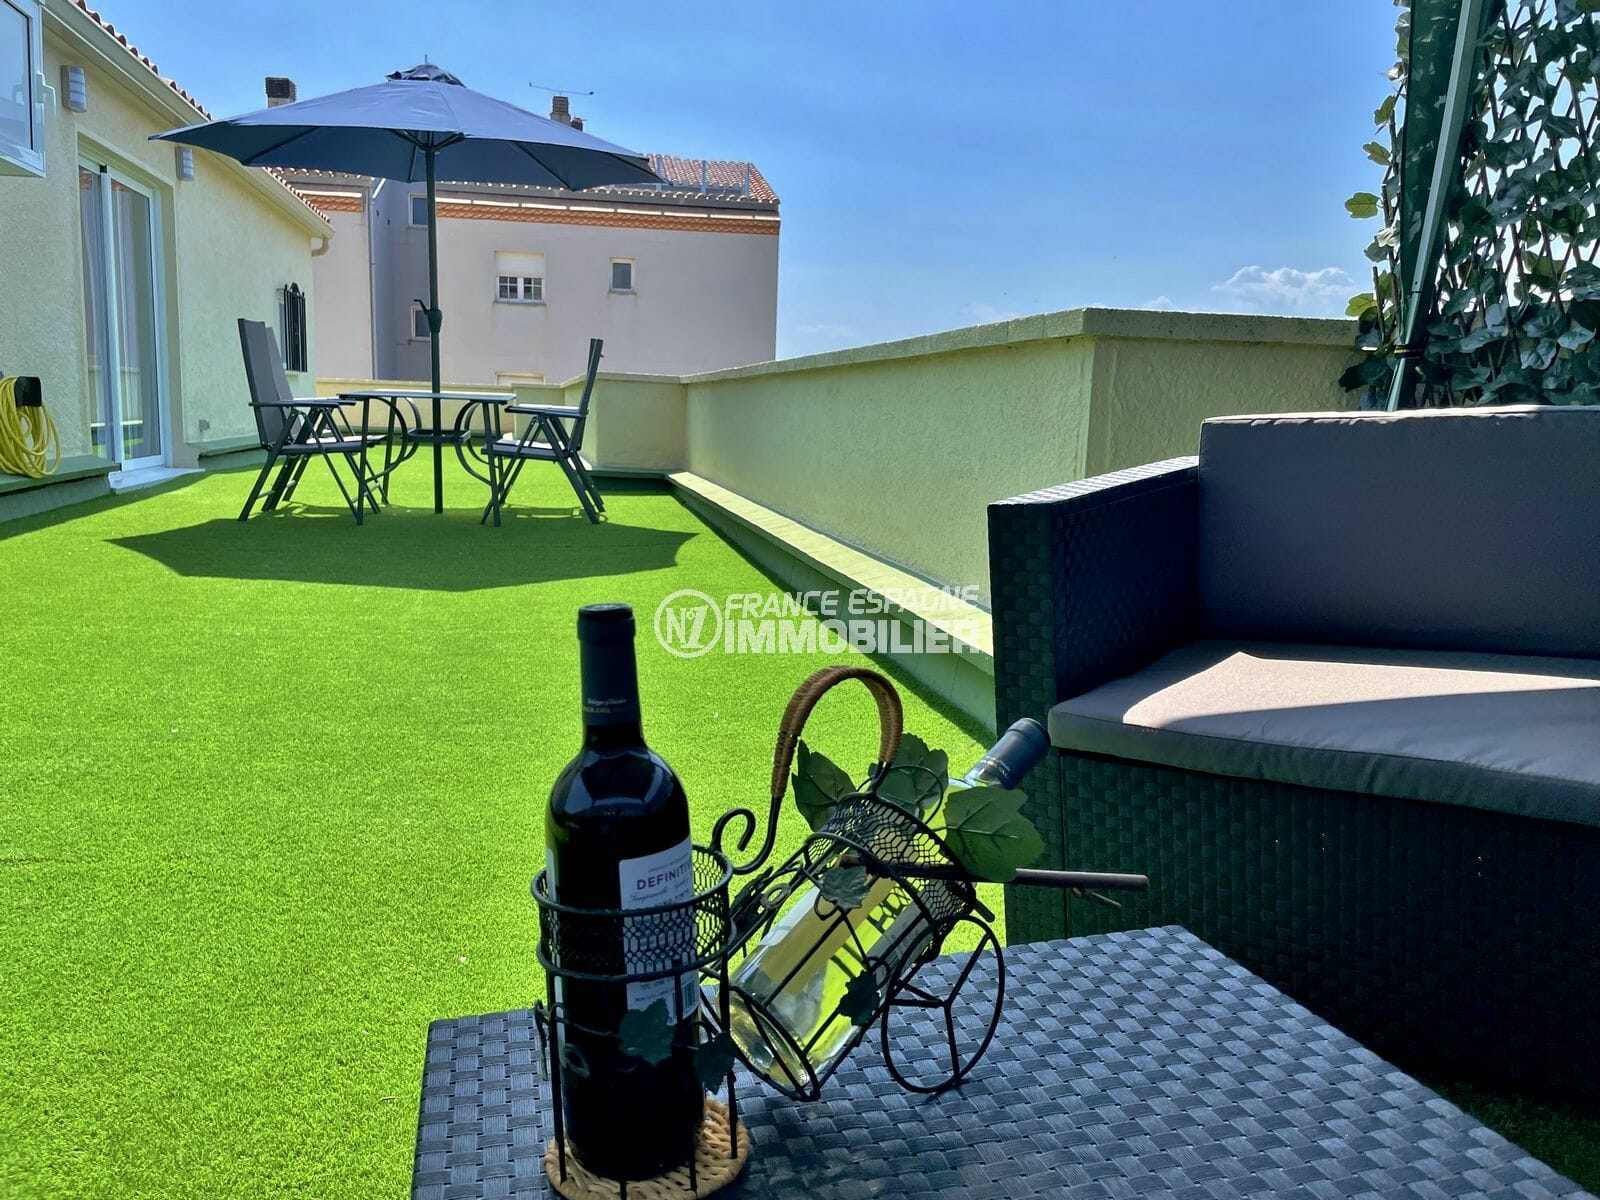 appartement a vendre costa brava, 4 pièces 65 m², terrasse solarium avec salon de jardin, table et chaises